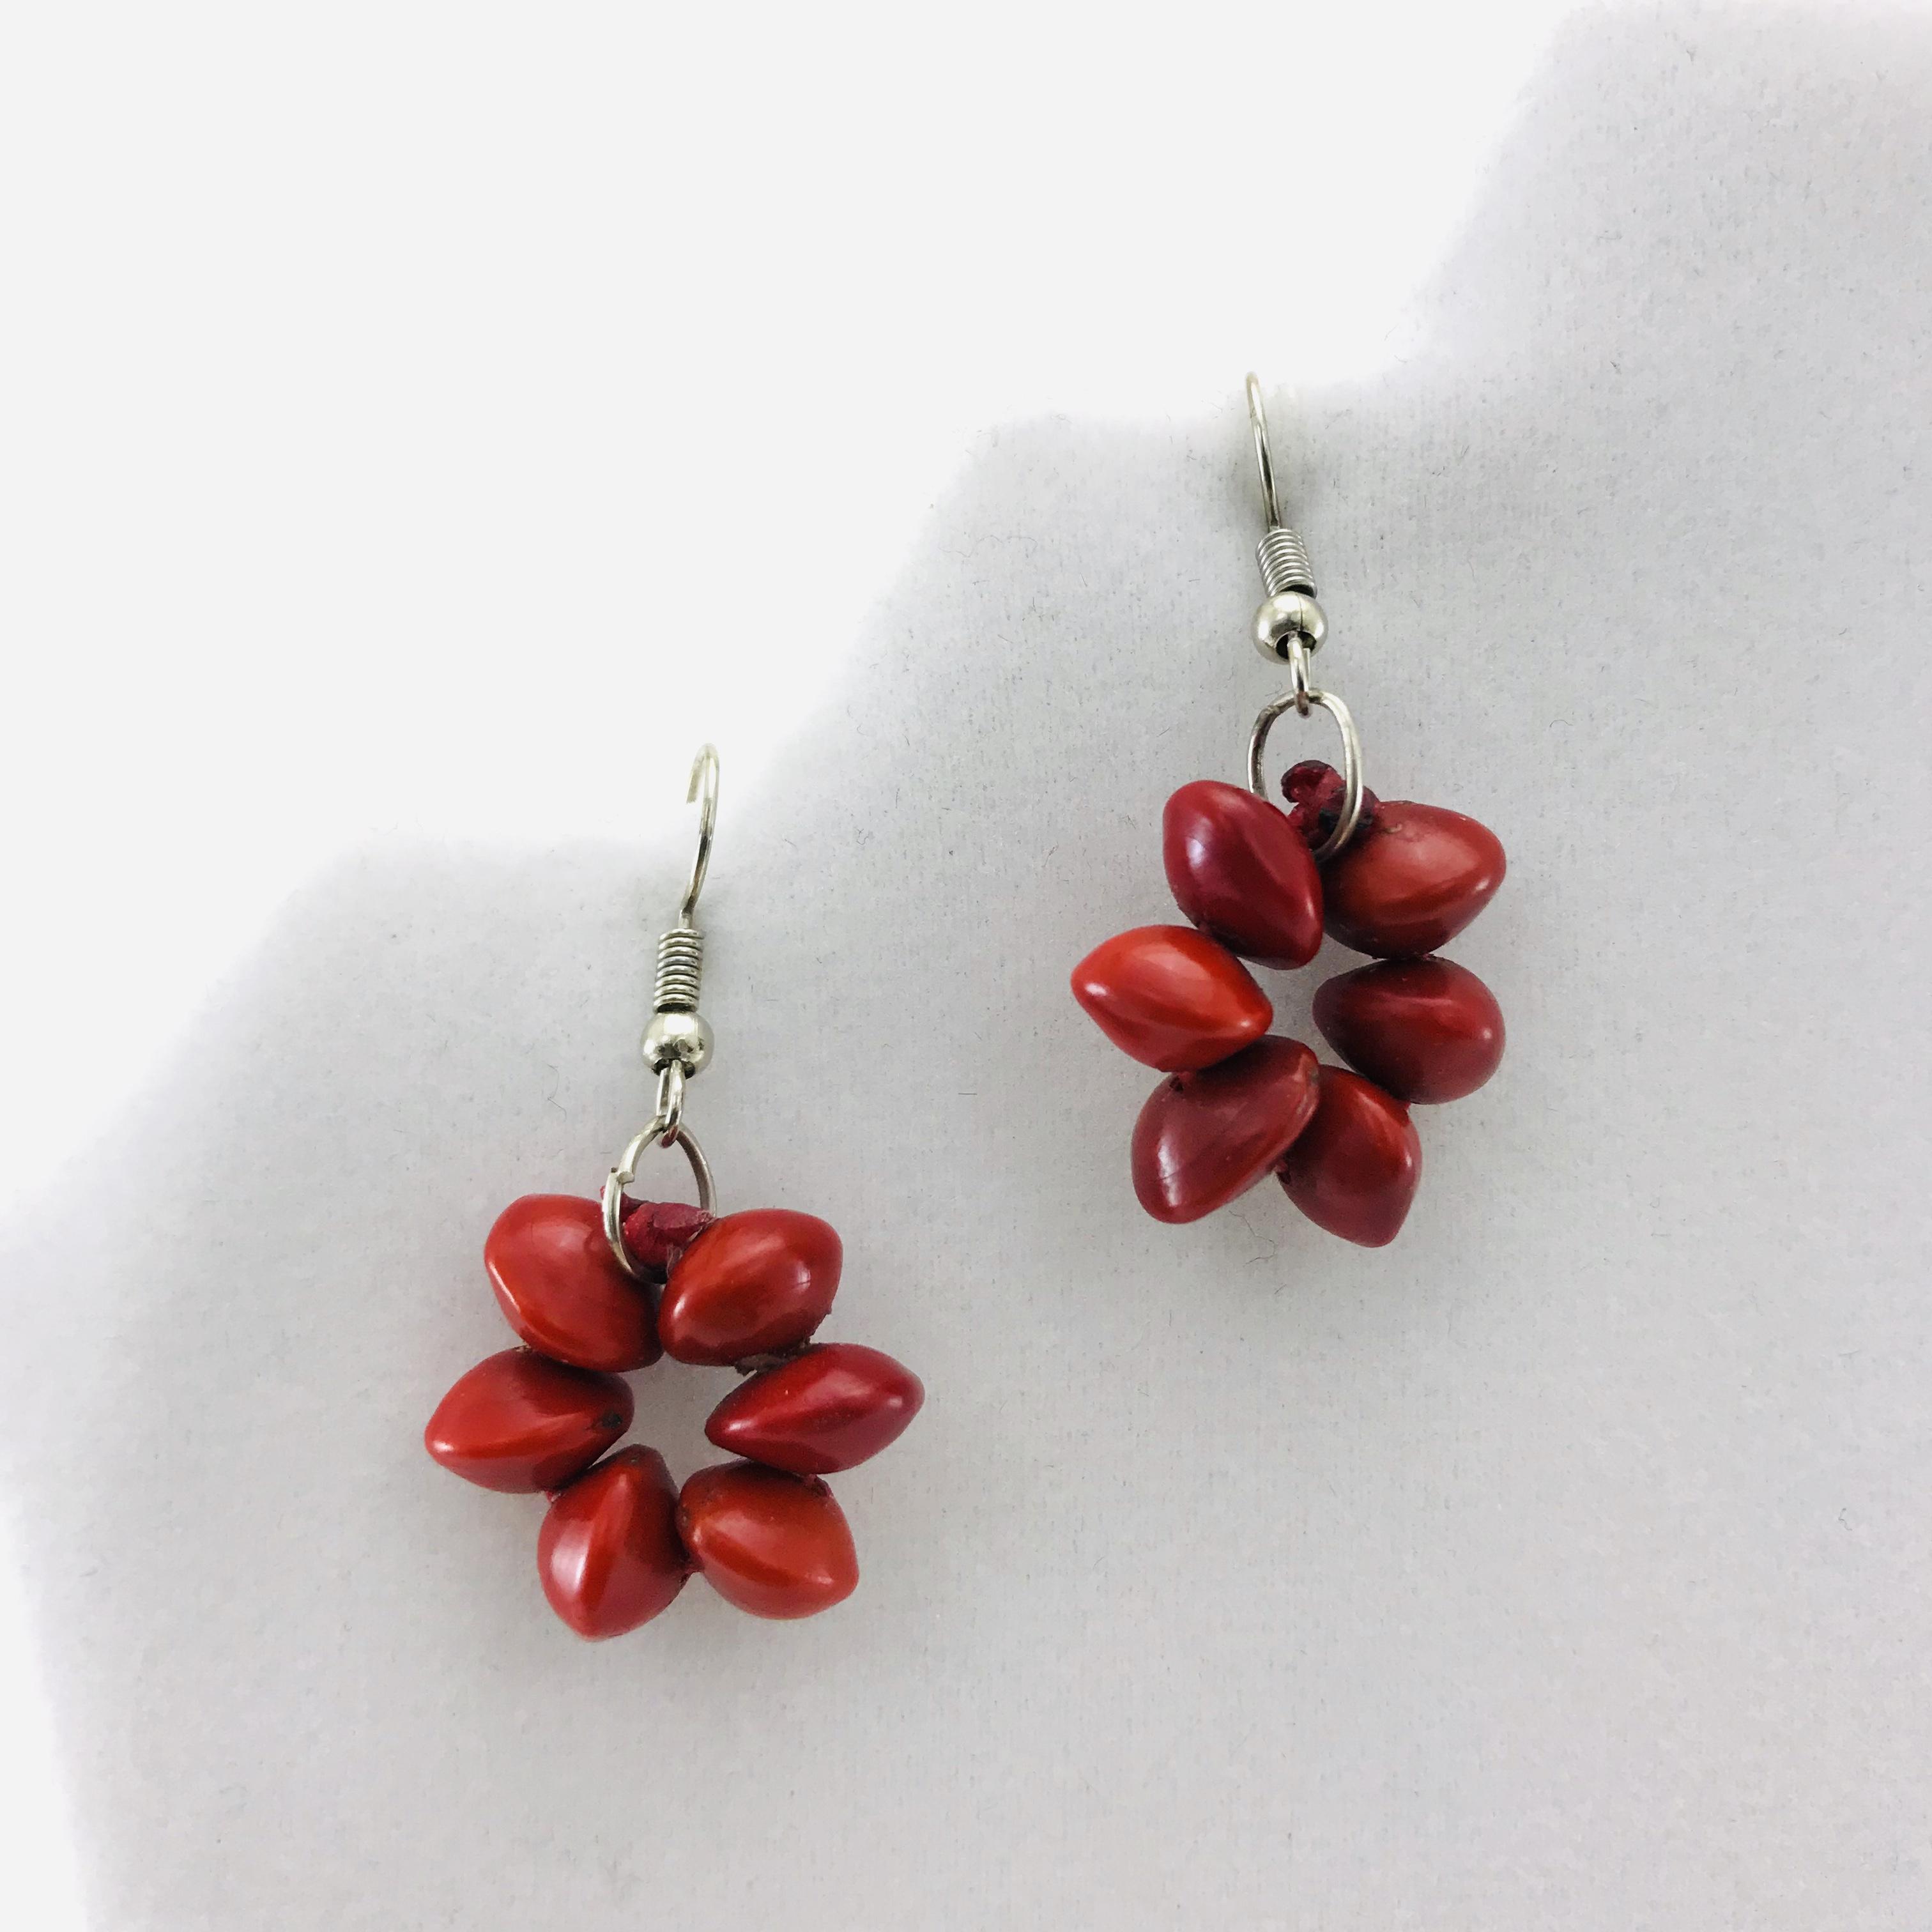 Les Fleurs - Boucles d'oreilles graines naturelles - Rouge